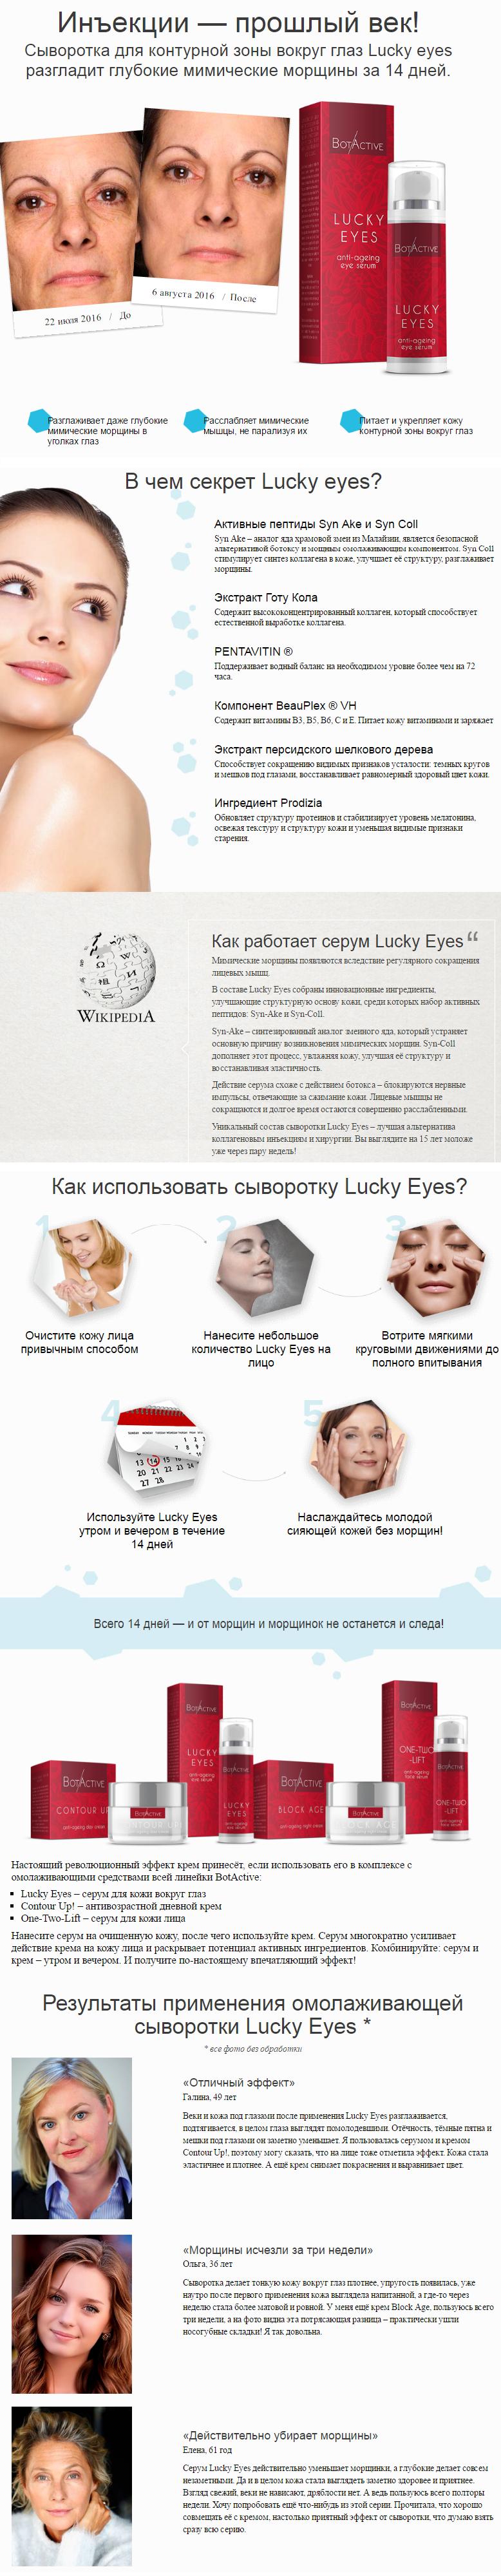 лифтинг-сыворотка BotActive Lucky Eyes для контурной зоны вокруг глаз купить